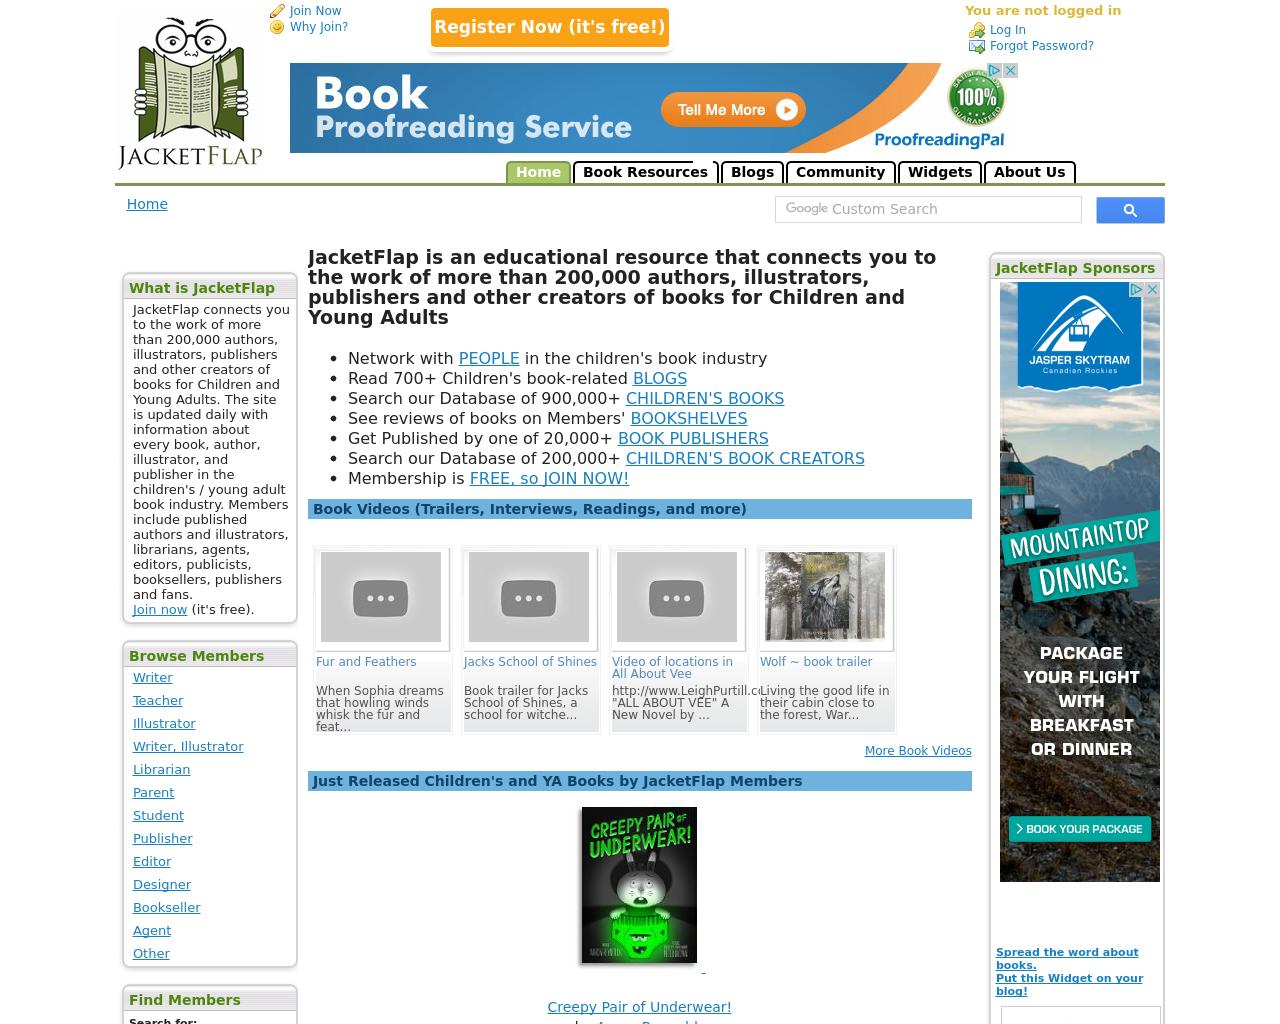 JACKETFLAP-Advertising-Reviews-Pricing